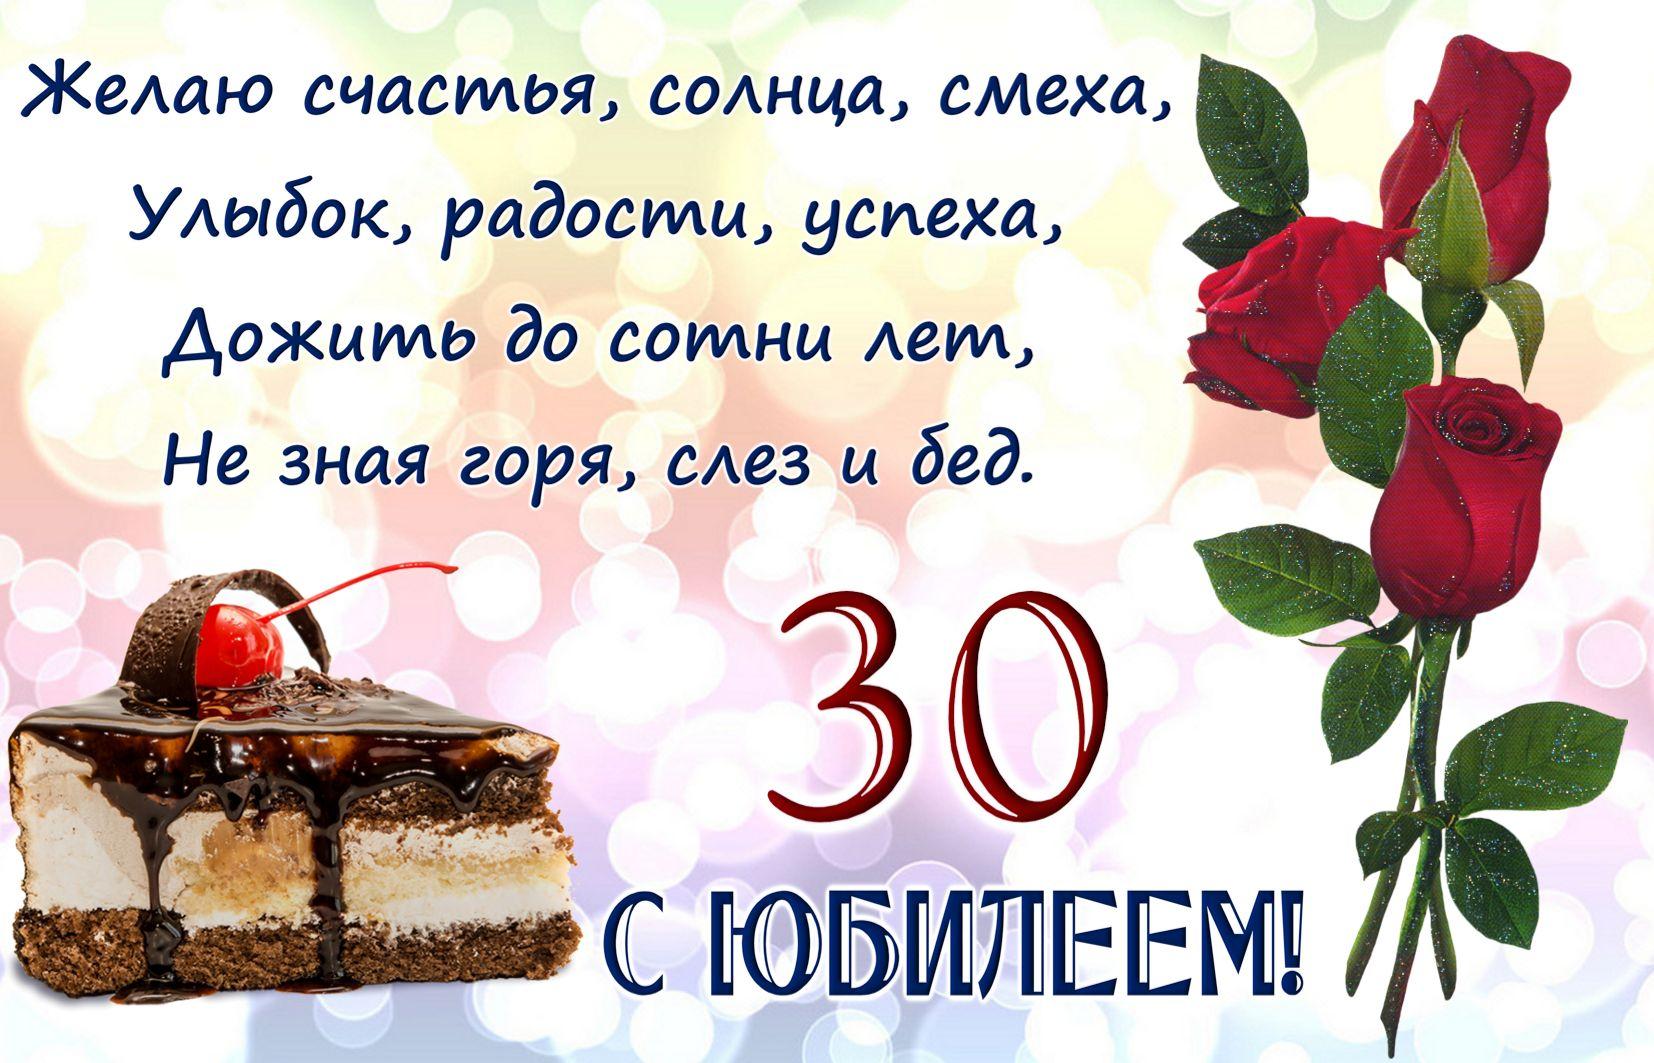 Открытка на юбилей 30 лет - розы и пожелание с кусочком торта